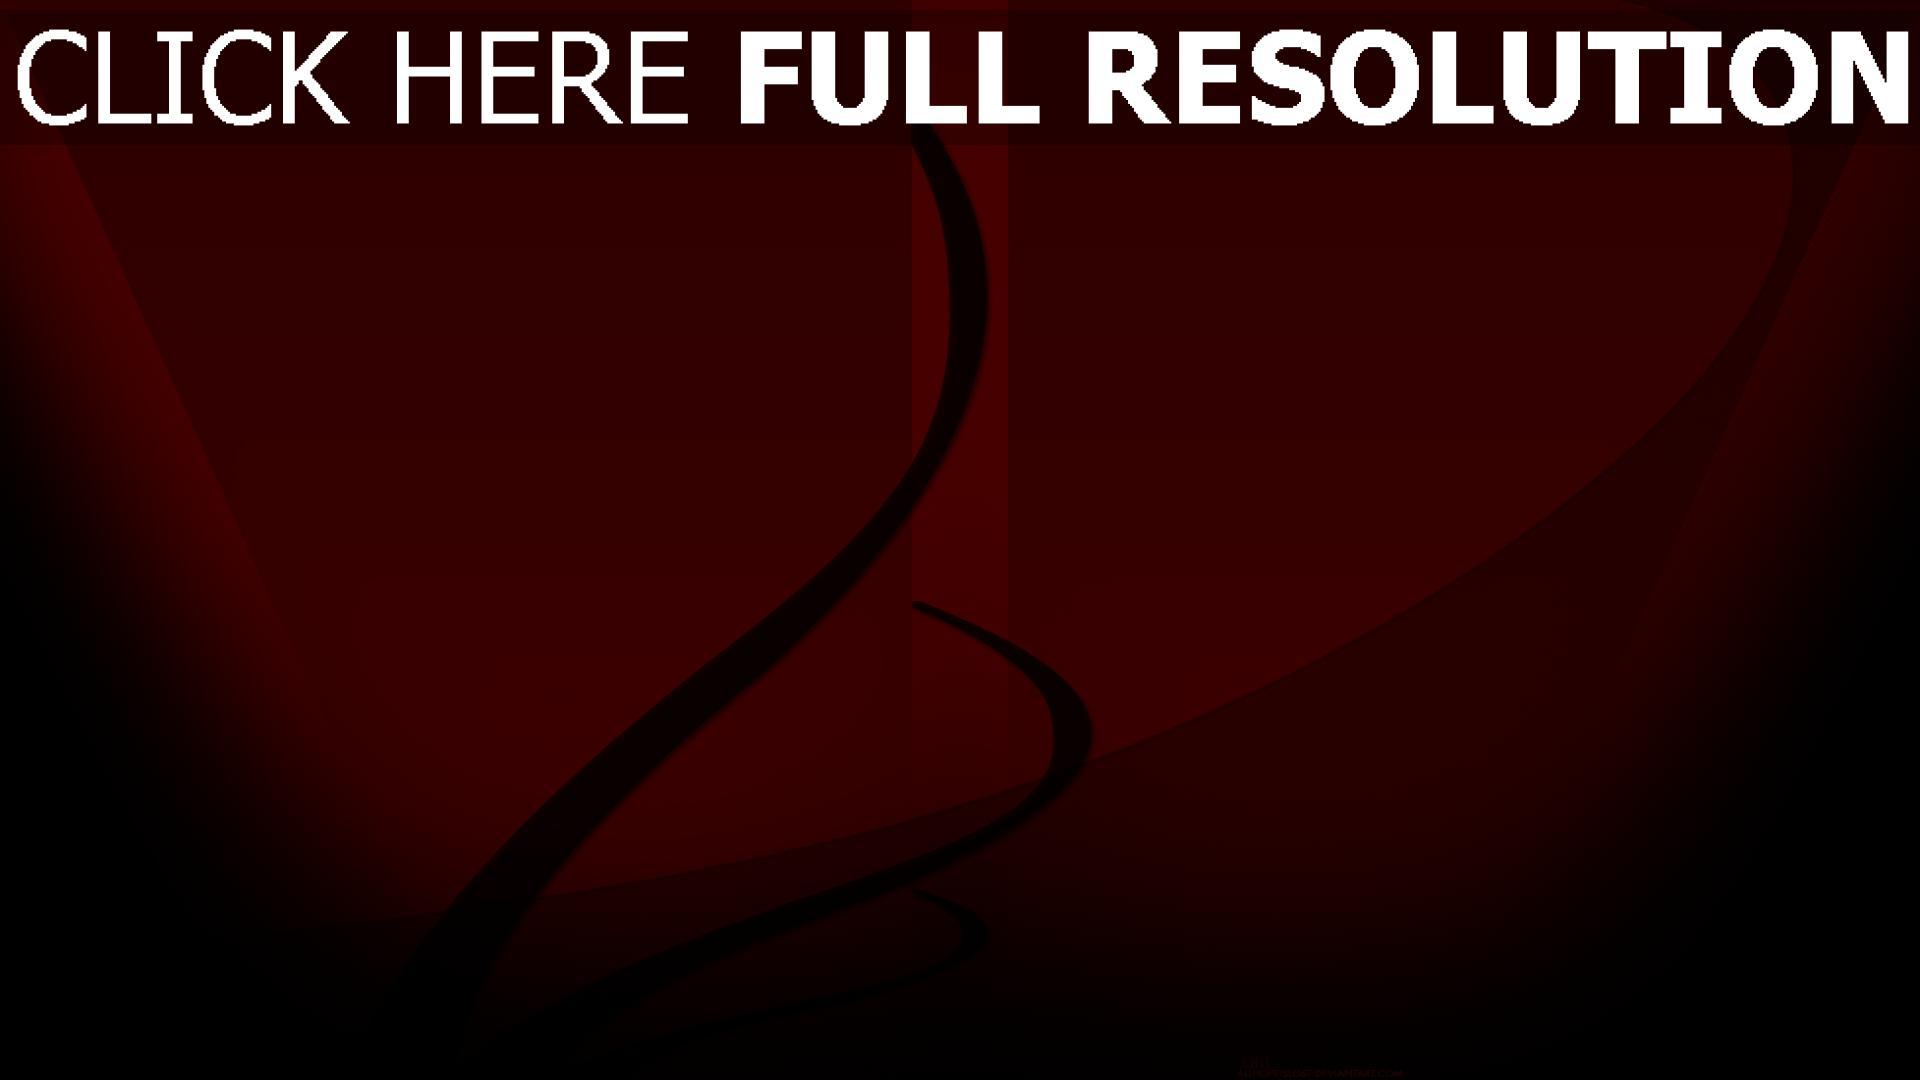 fond d'écran 1920x1080 courbe foncé rouge